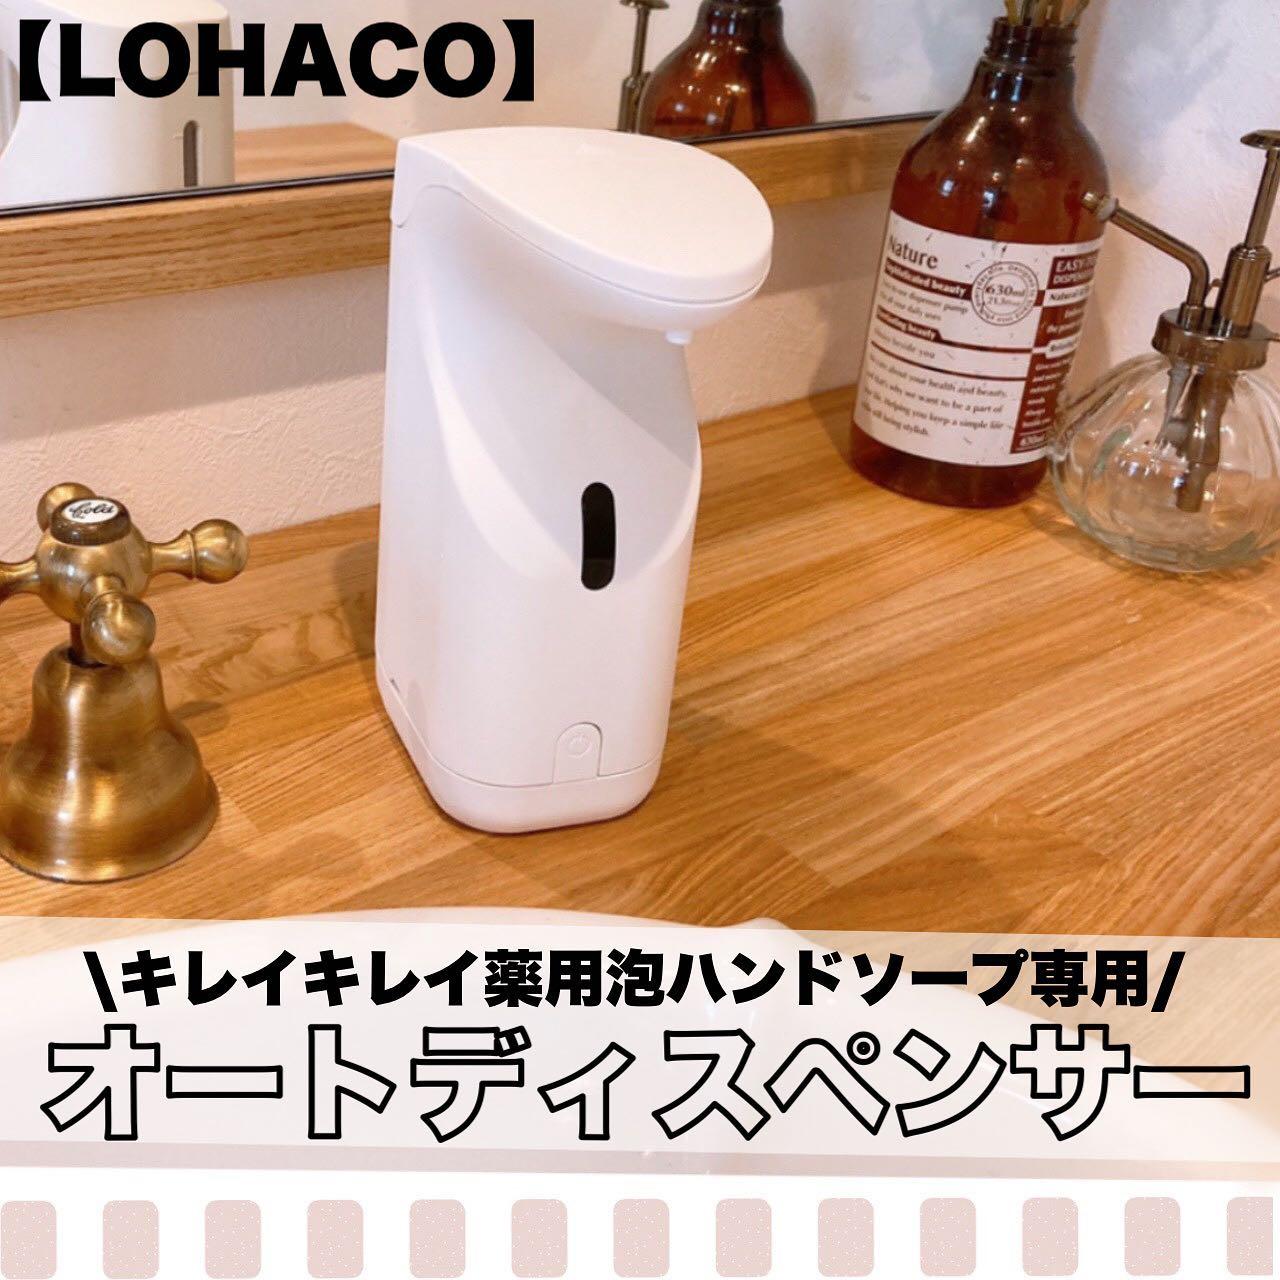 口コミ投稿:✼••┈┈••✼••┈┈••✼••┈┈••✼••┈┈••✼【LOHACO先行販売】キレイキレイ薬用泡ハンドソープ専…